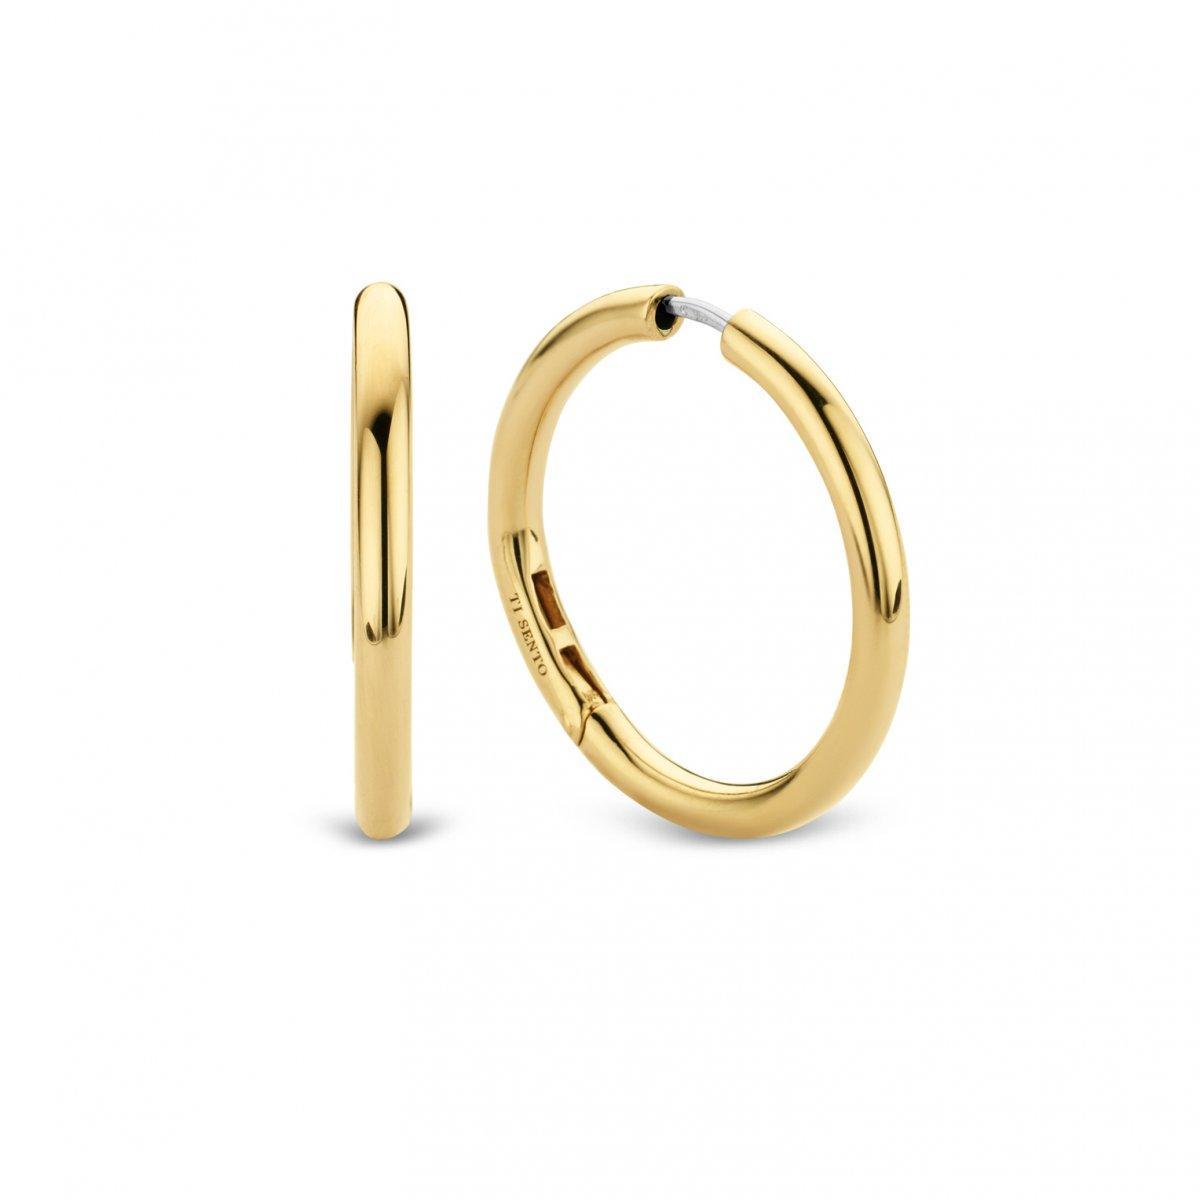 Zlaté kruhové náušnice TI SENTO